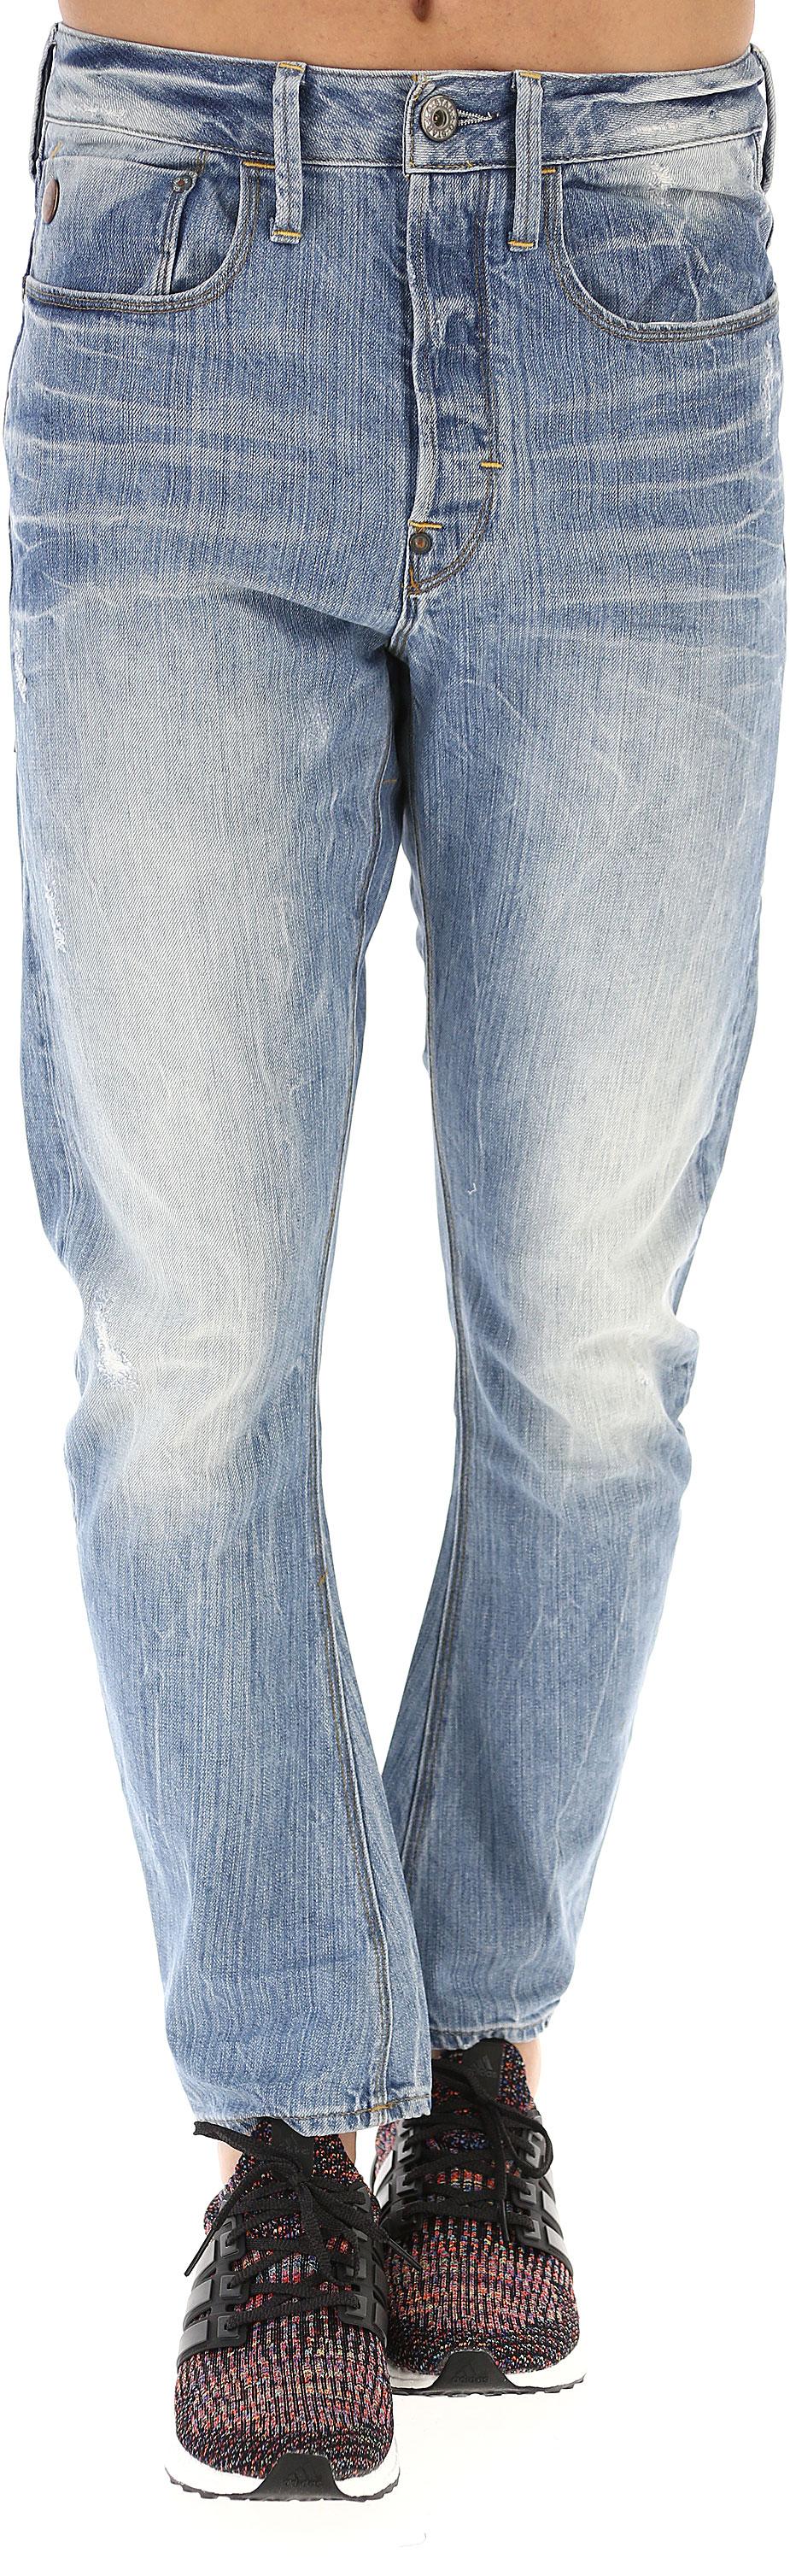 Abbigliamento Uomo G-Star, Codice Articolo: 50584-5770-424